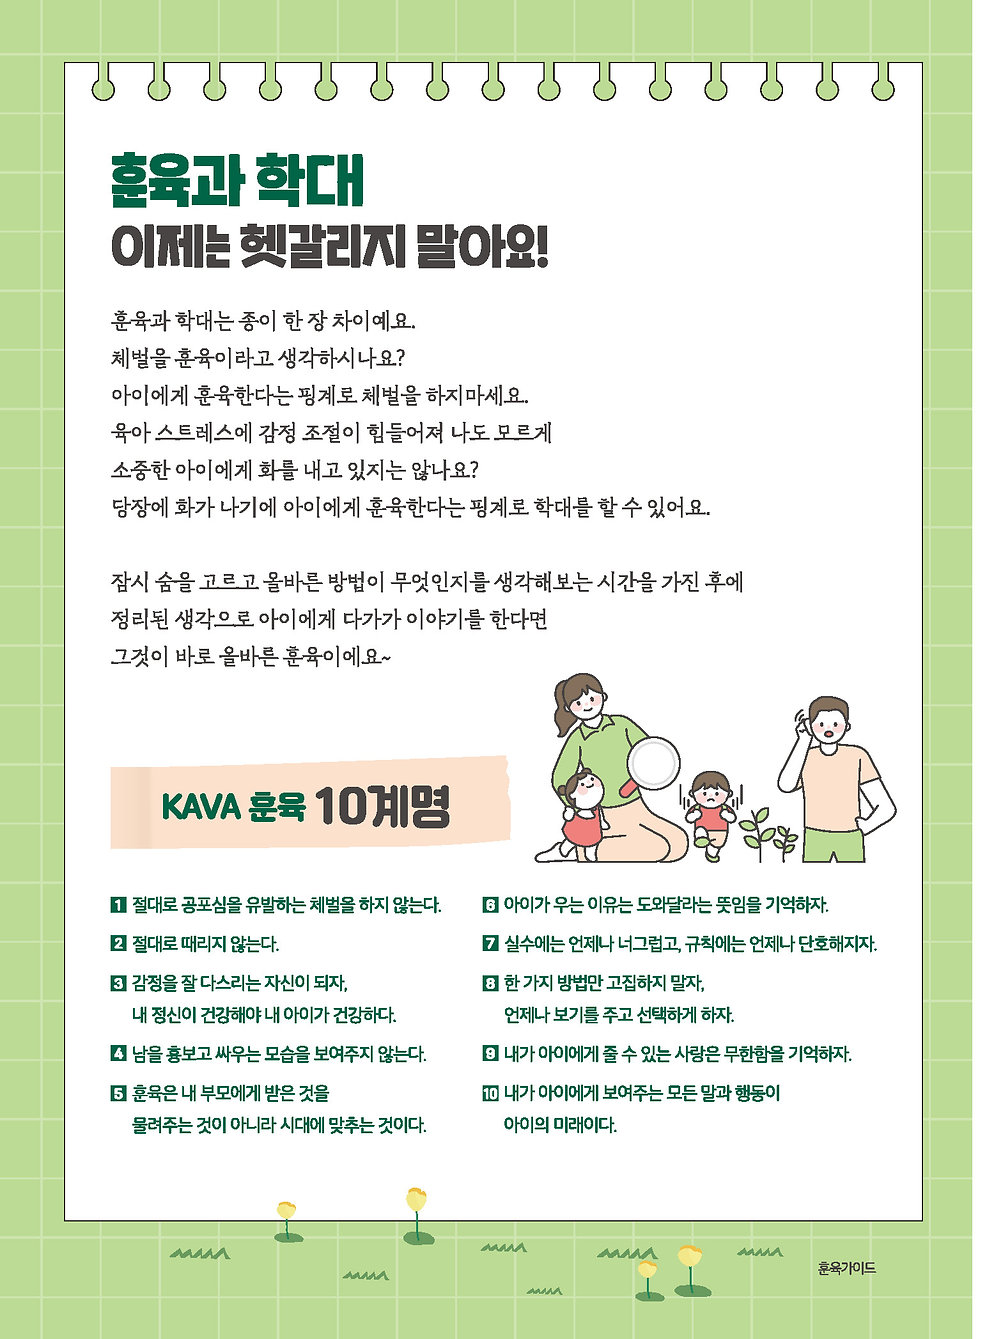 최종)훈육가이드(송부용)_페이지_02.jpg